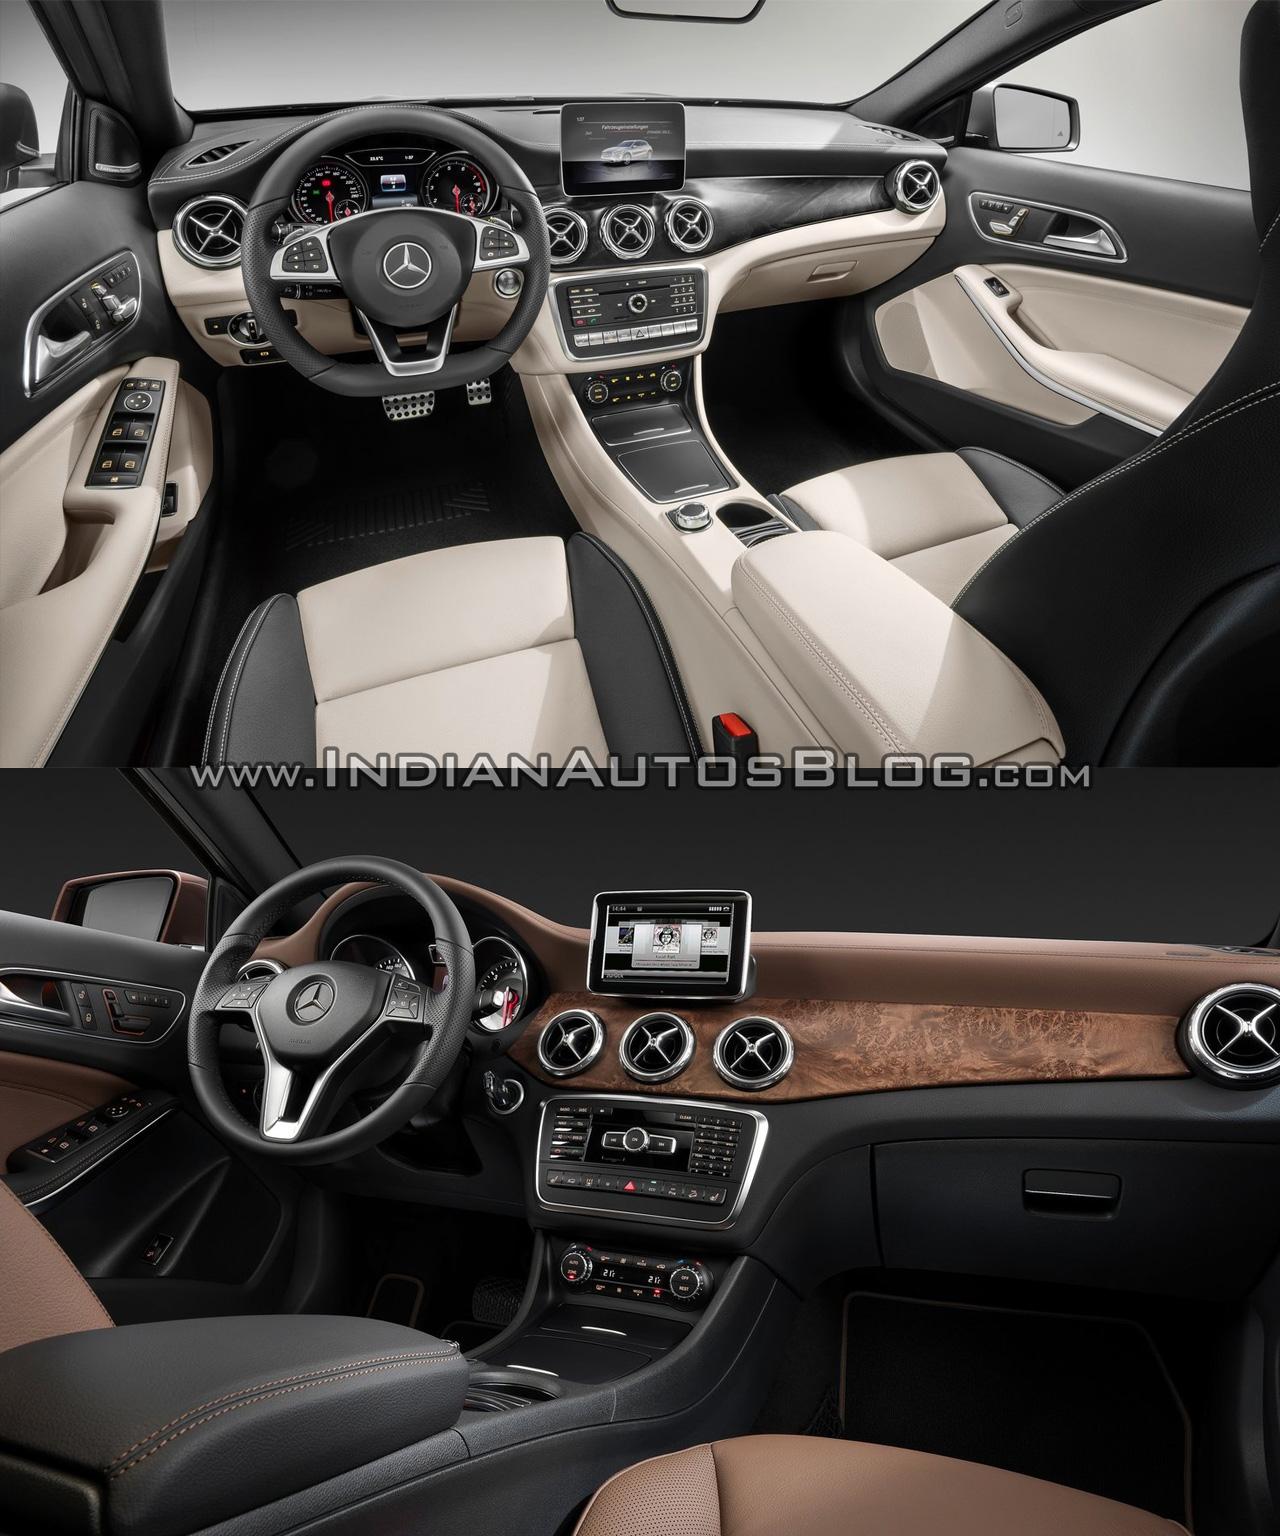 2017 Mercedes GLA vs. 2014 Mercedes GLA interior